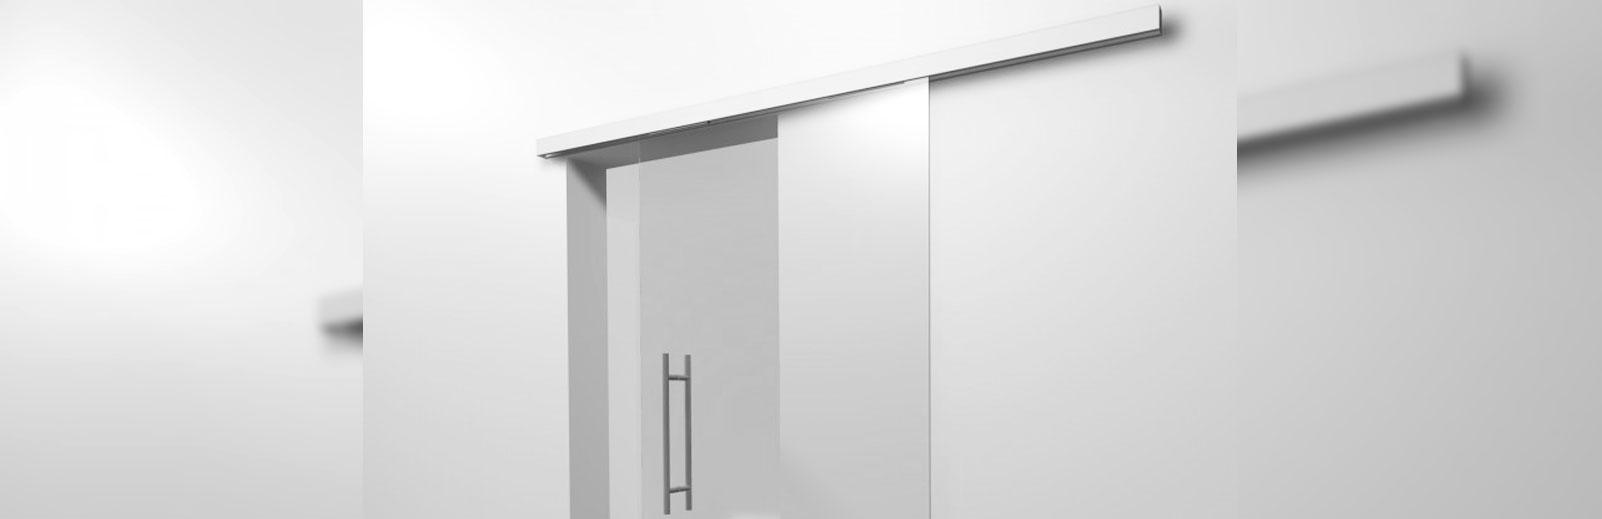 Glas Schuifdeur Binnen.Schuifdeuren Rvs Design